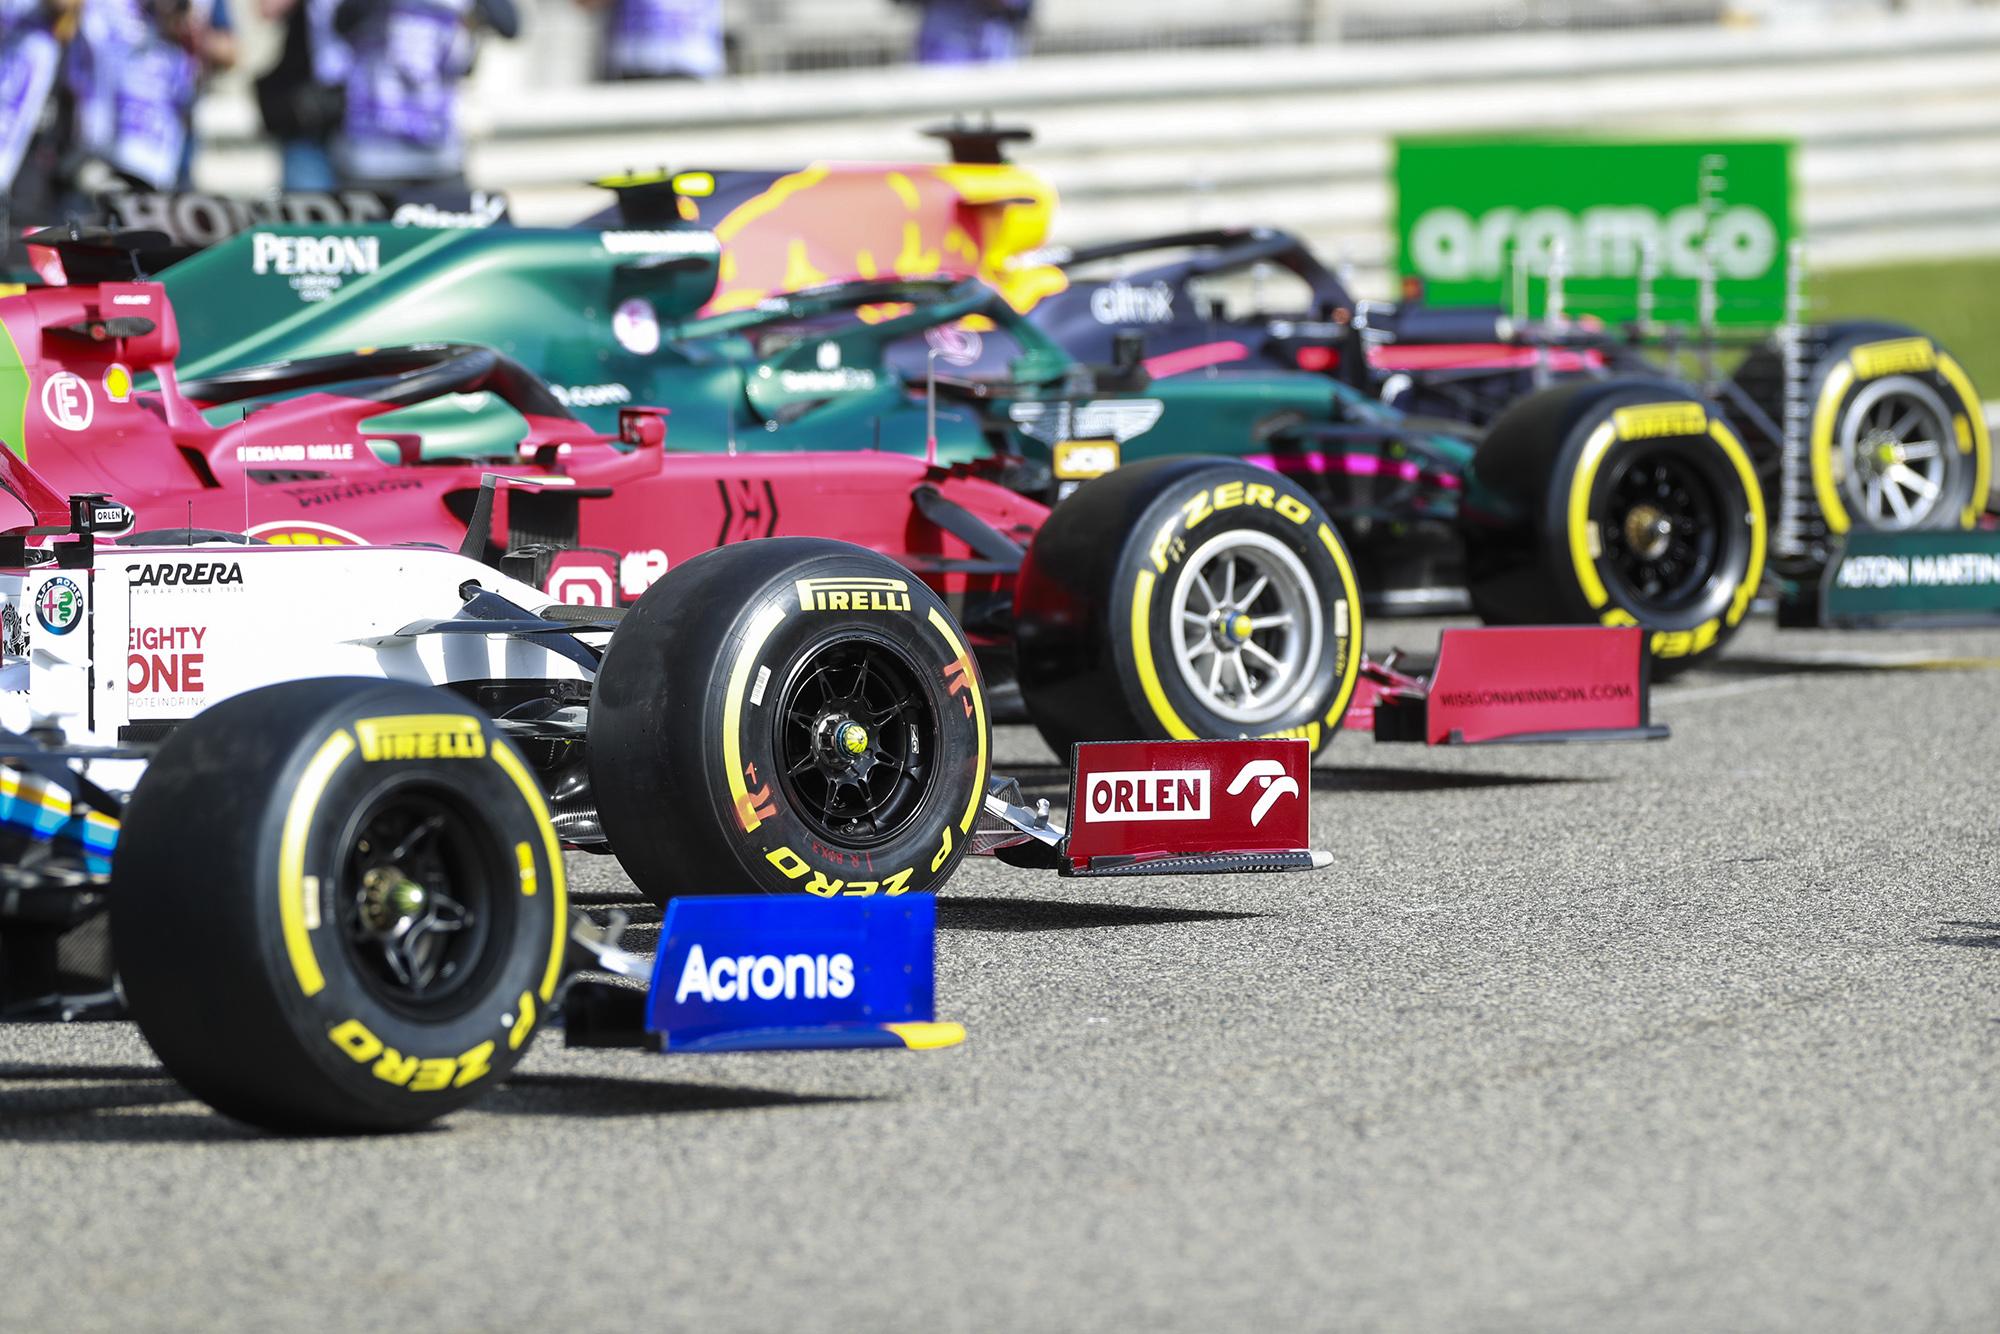 Όλα έτοιμα για την πρεμιέρα για τη μεγάλη πρεμιέρα της F1 στο Bahrain